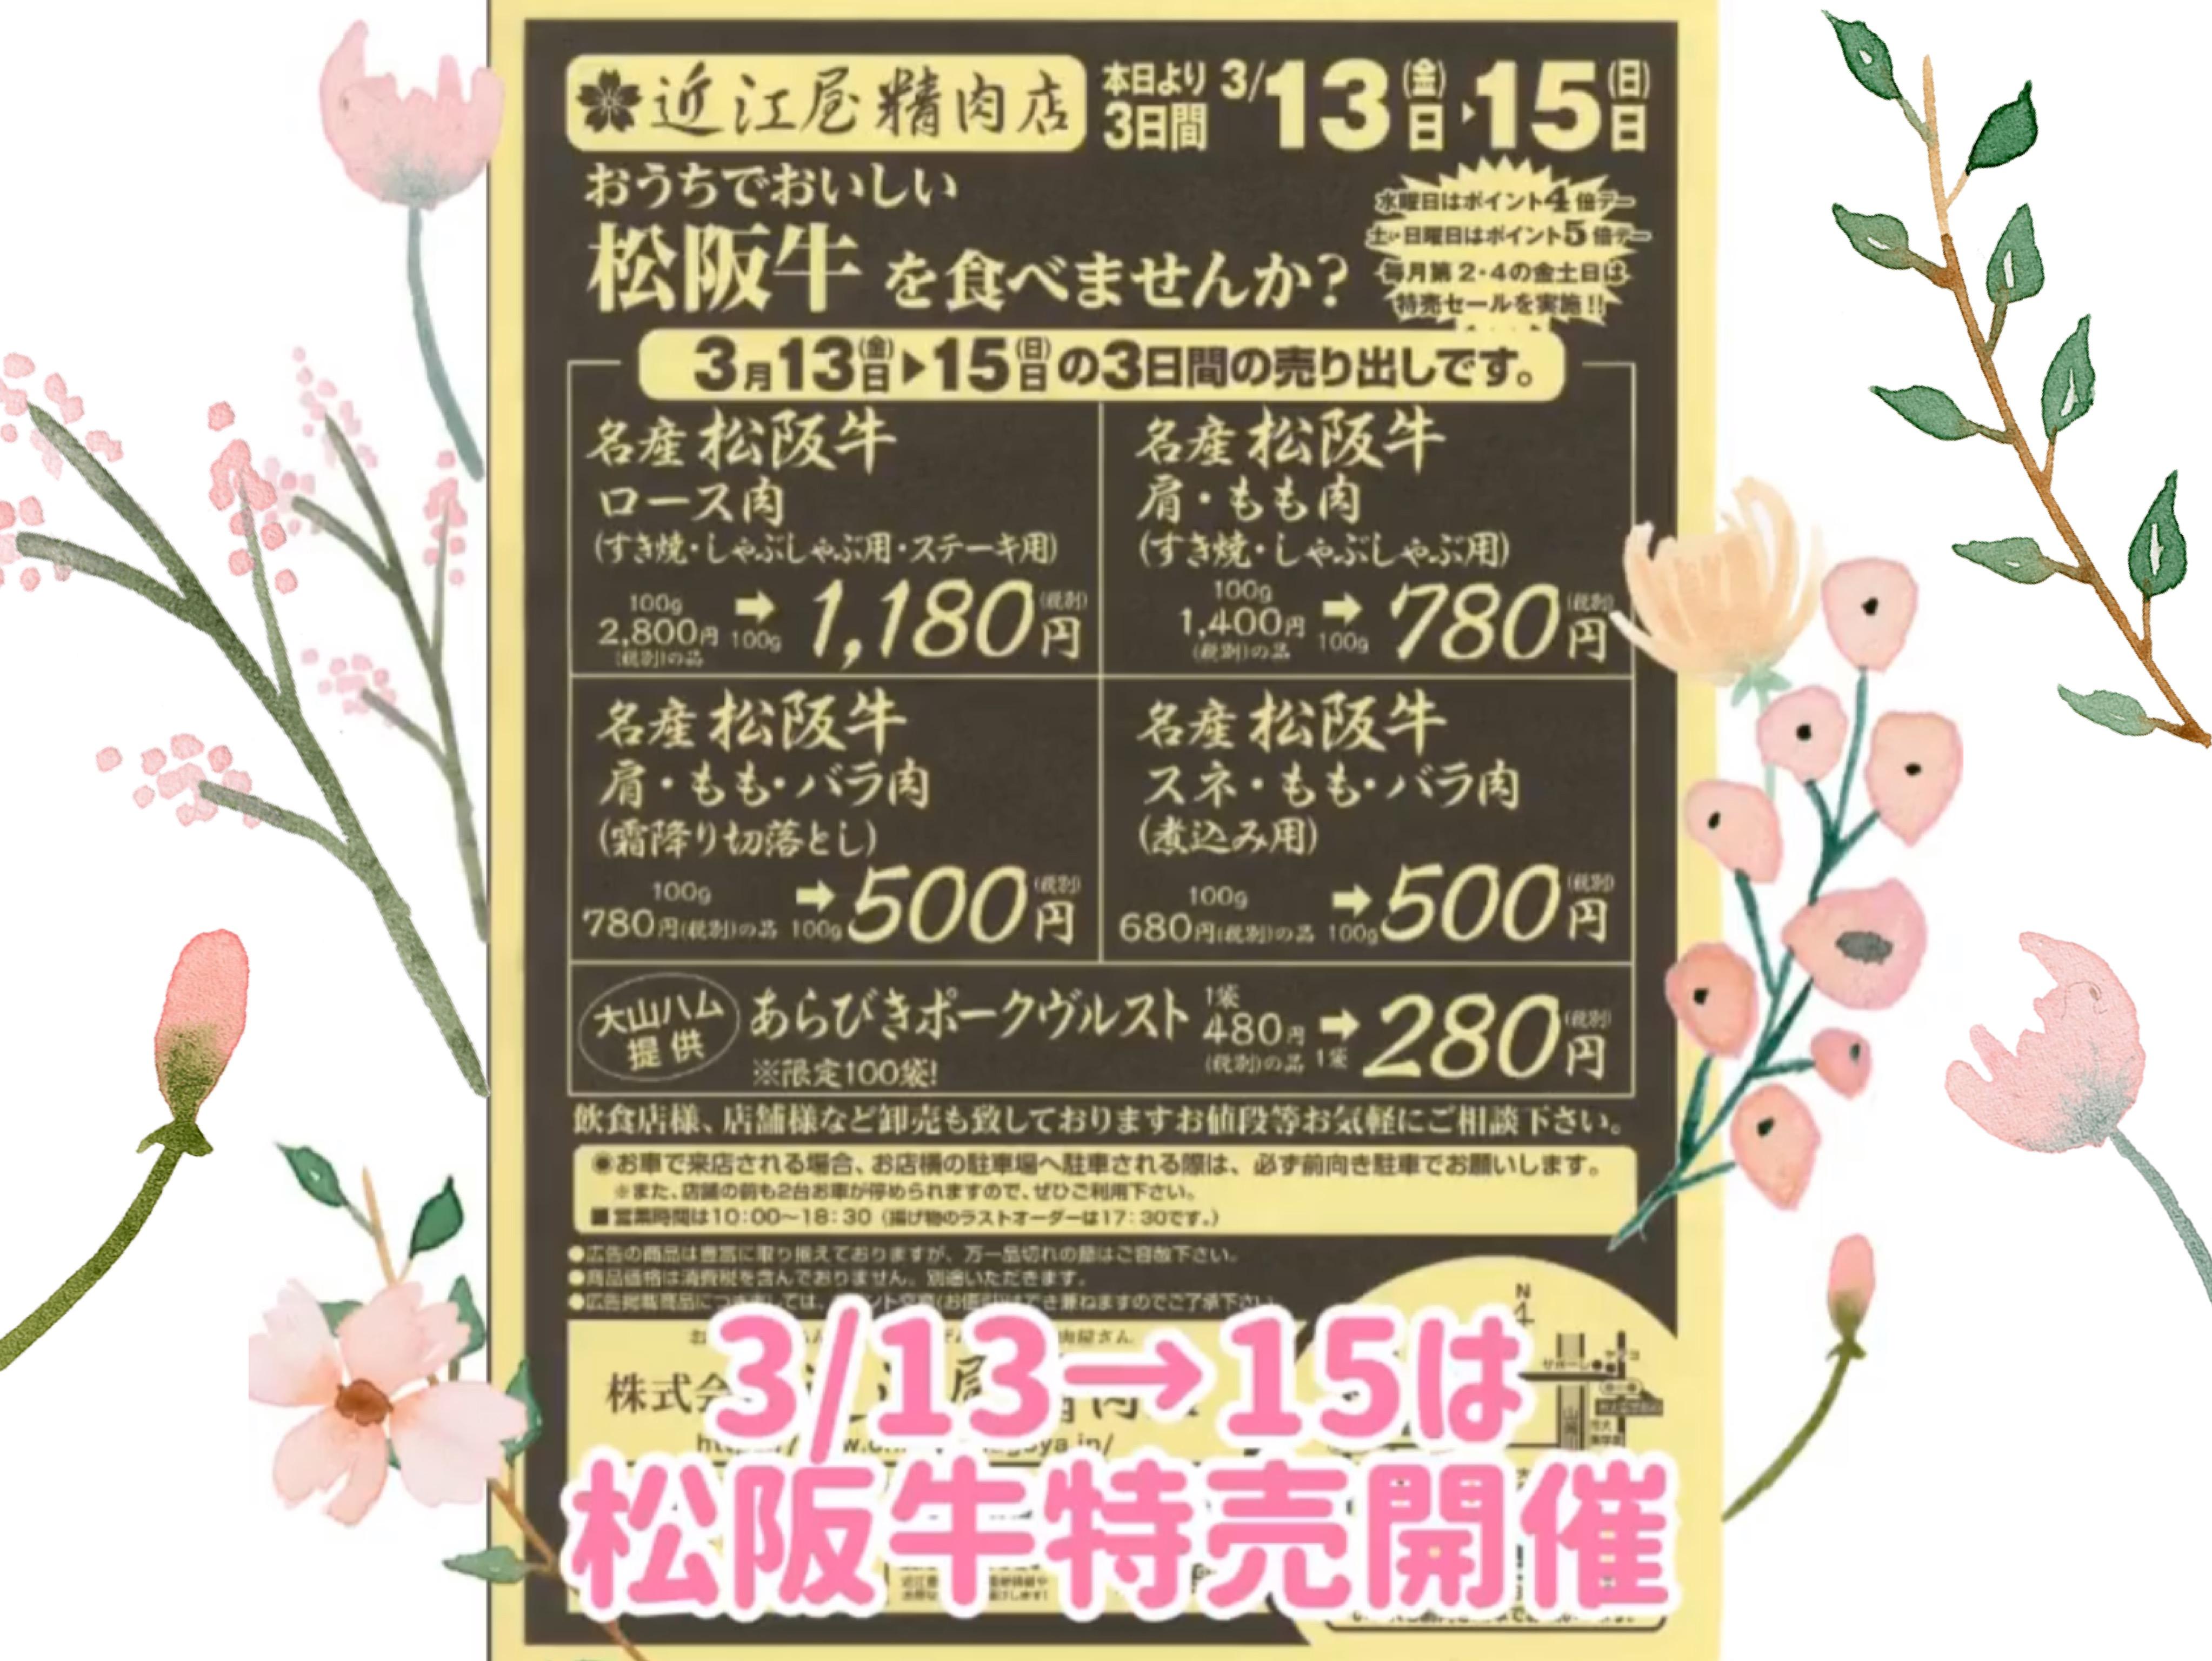 3/13〜15までの名産松阪牛特売の告知です!